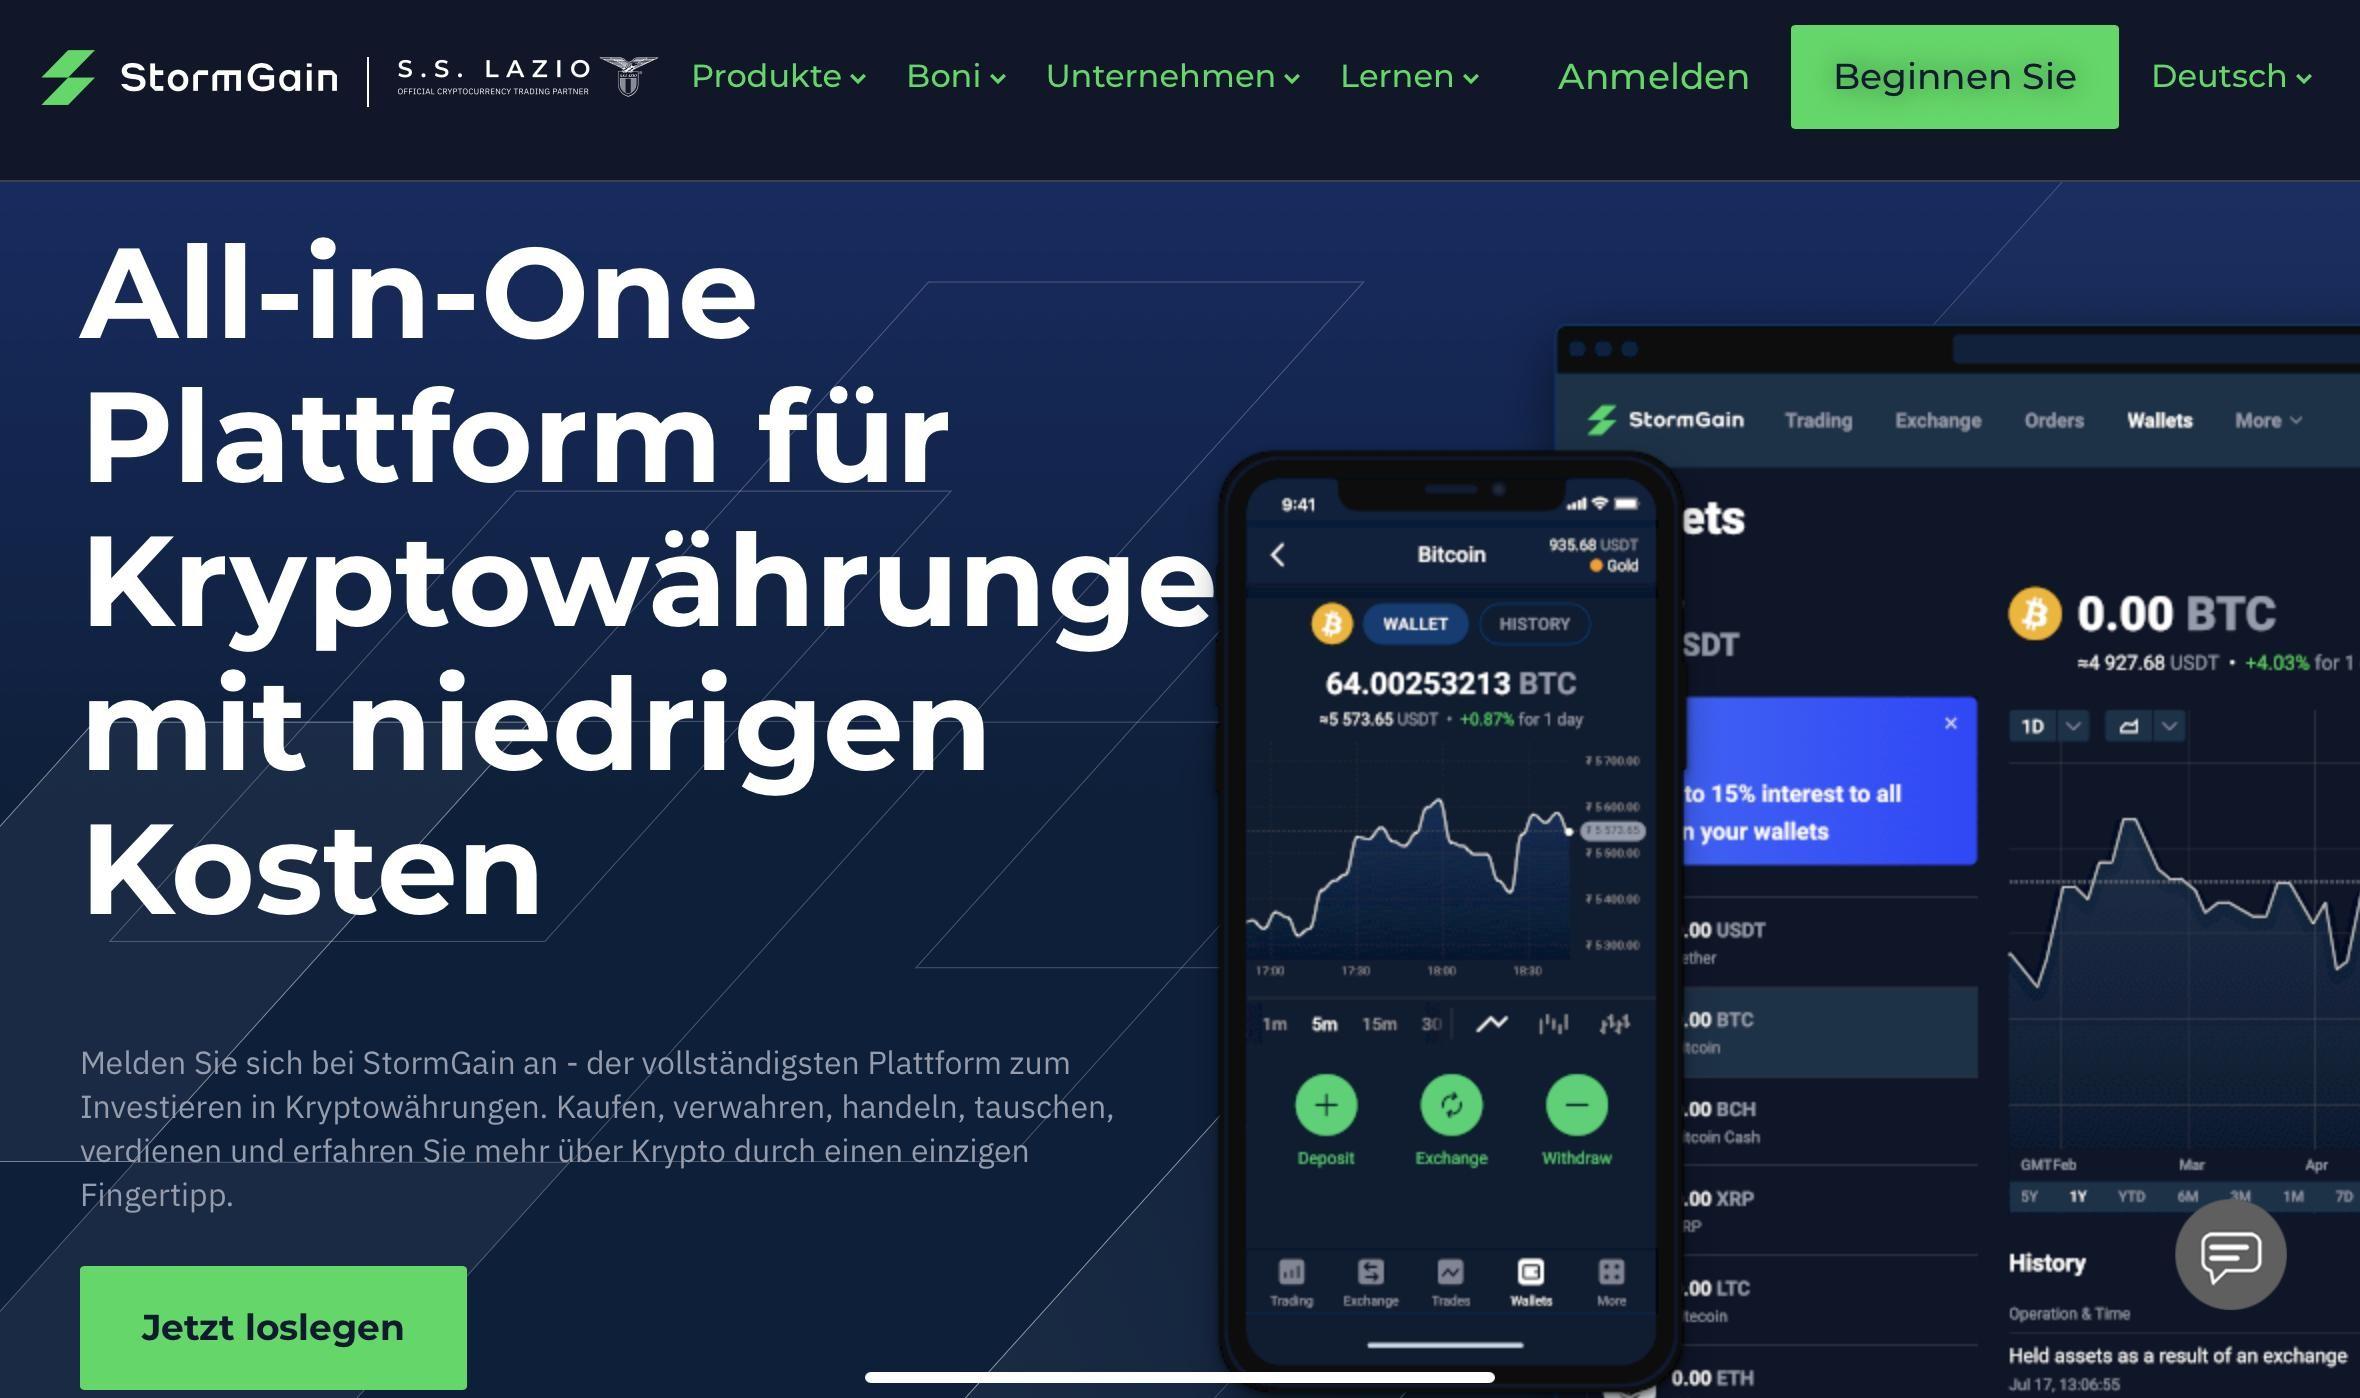 All-in-One Plattform für Kryptowährunge mit niedrigen Kosten